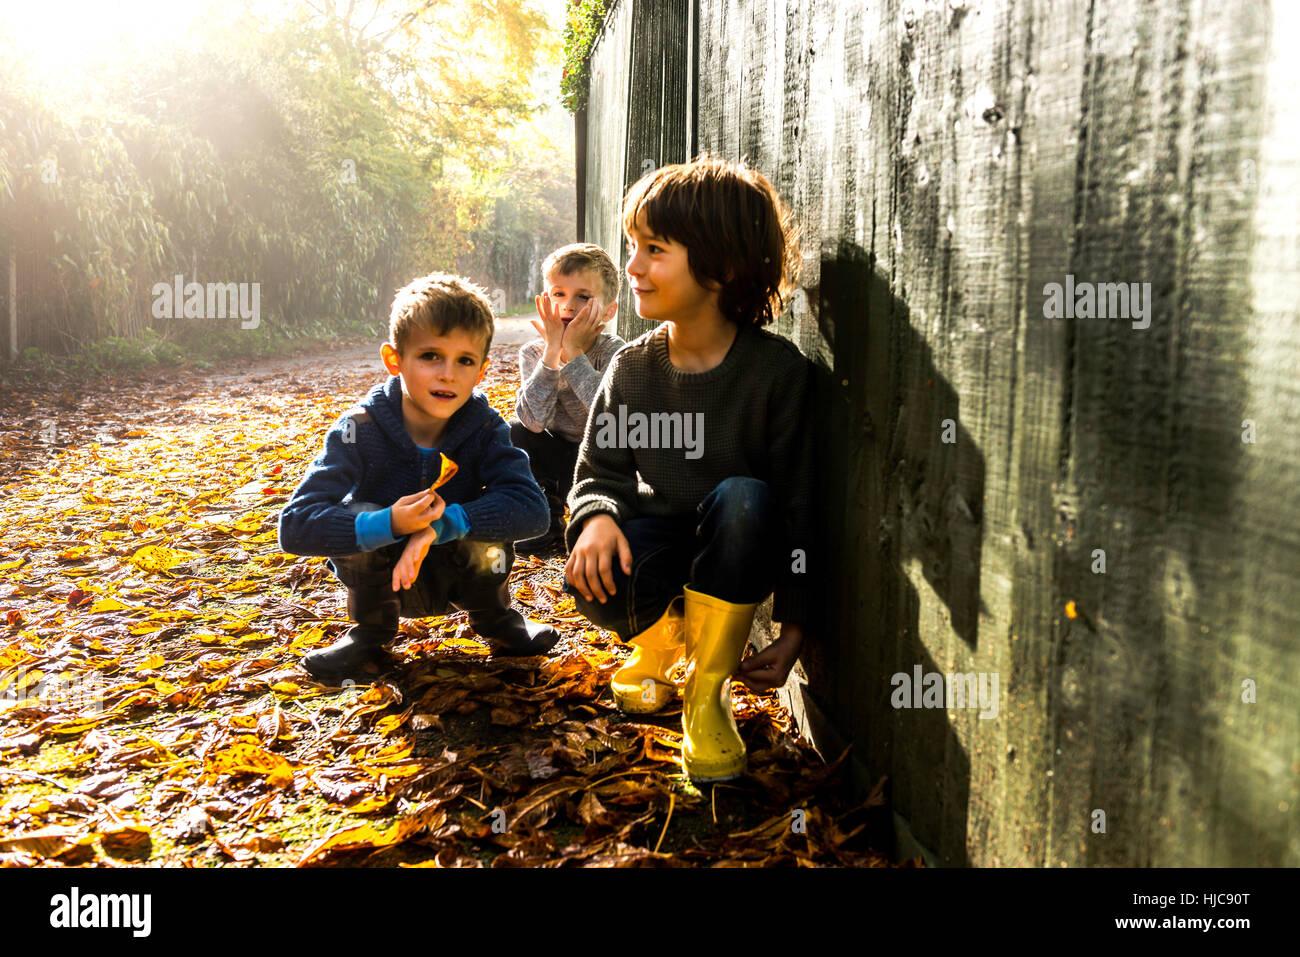 Tres jóvenes, sentados contra la valla, rodeado por hojas de otoño Imagen De Stock